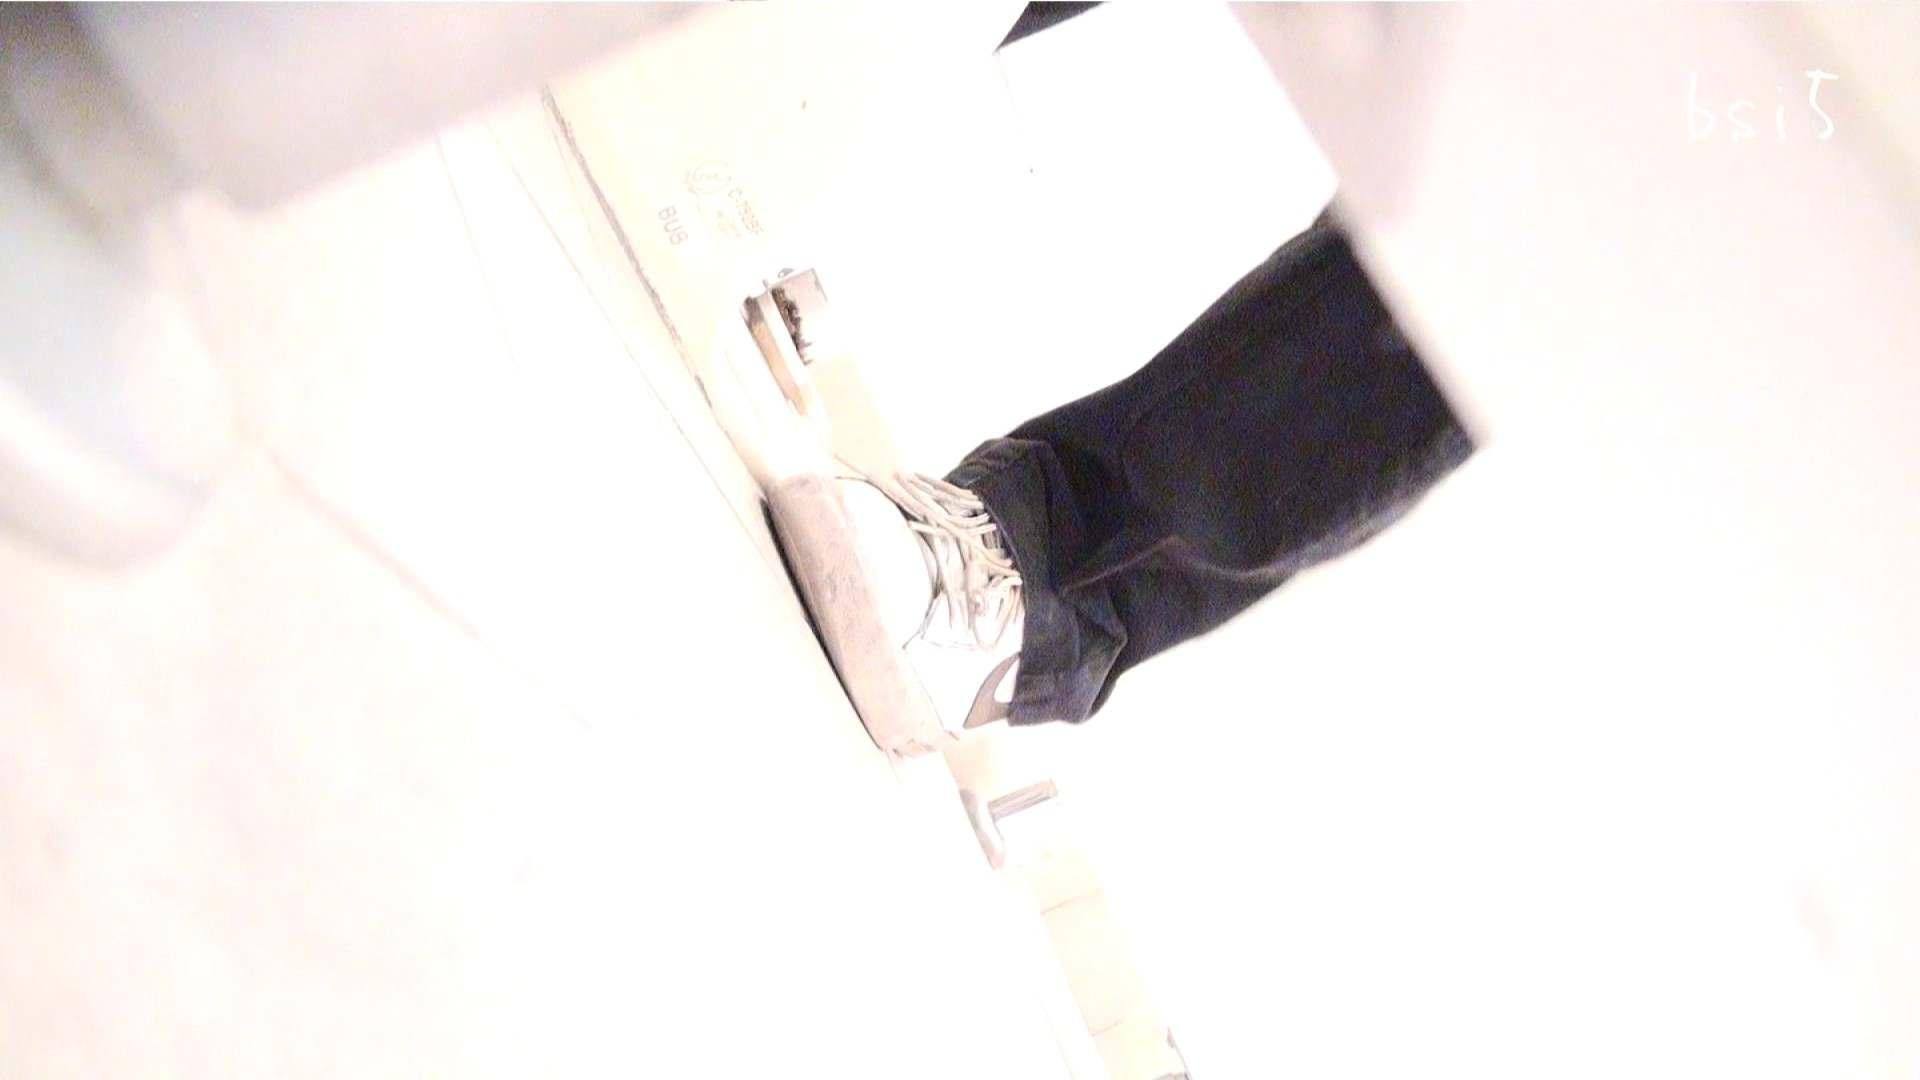 至高下半身盗撮-PREMIUM-【院内病棟編 】 vol.05 盗撮 オメコ動画キャプチャ 65PIX 46